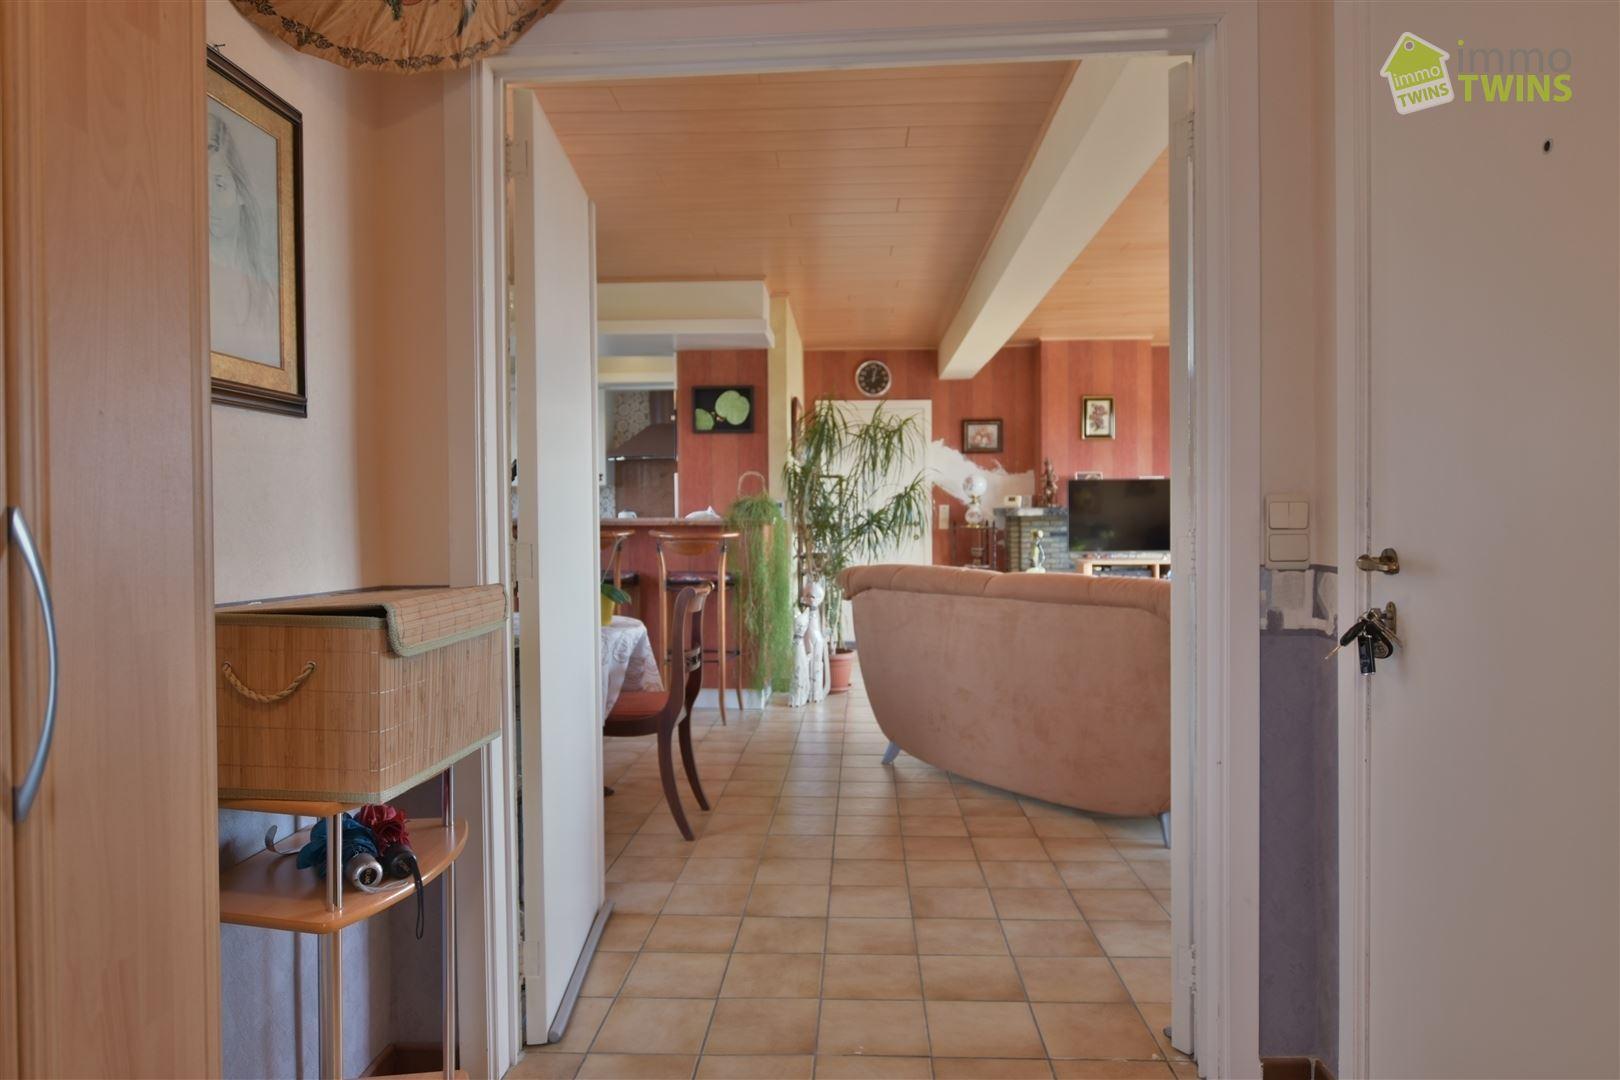 Foto 2 : Appartement te 9300 AALST (België) - Prijs € 224.000